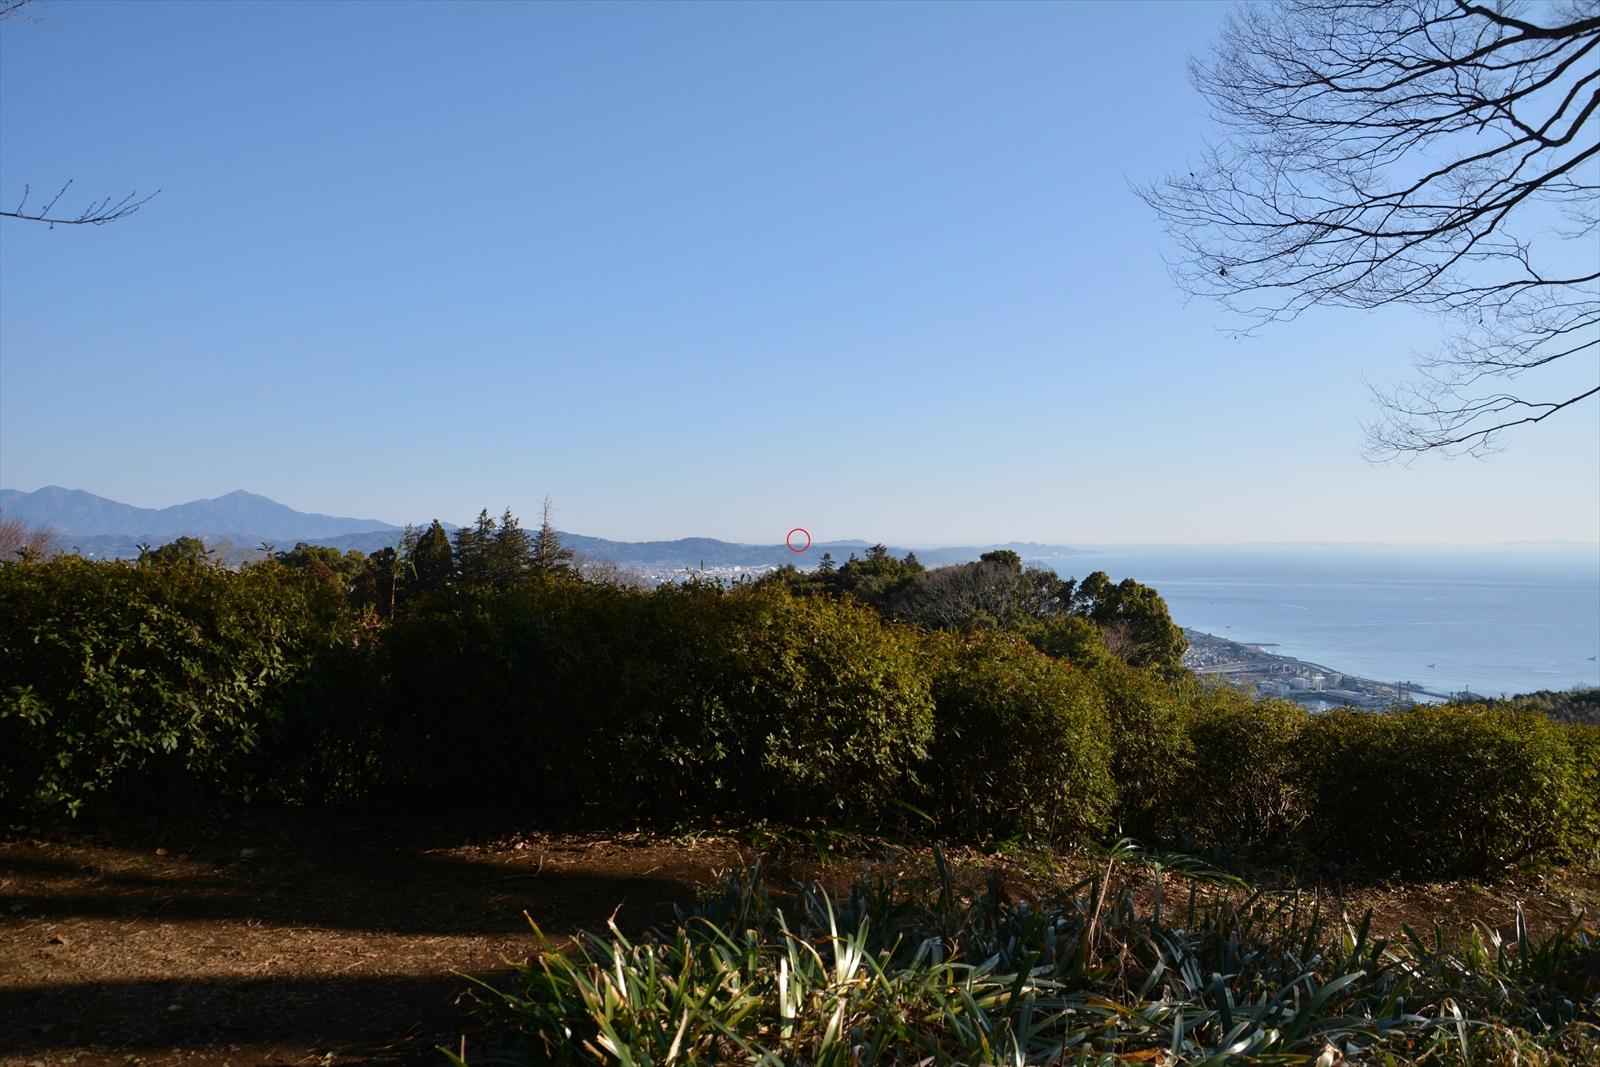 石垣山一夜城から見たスカイツリー1